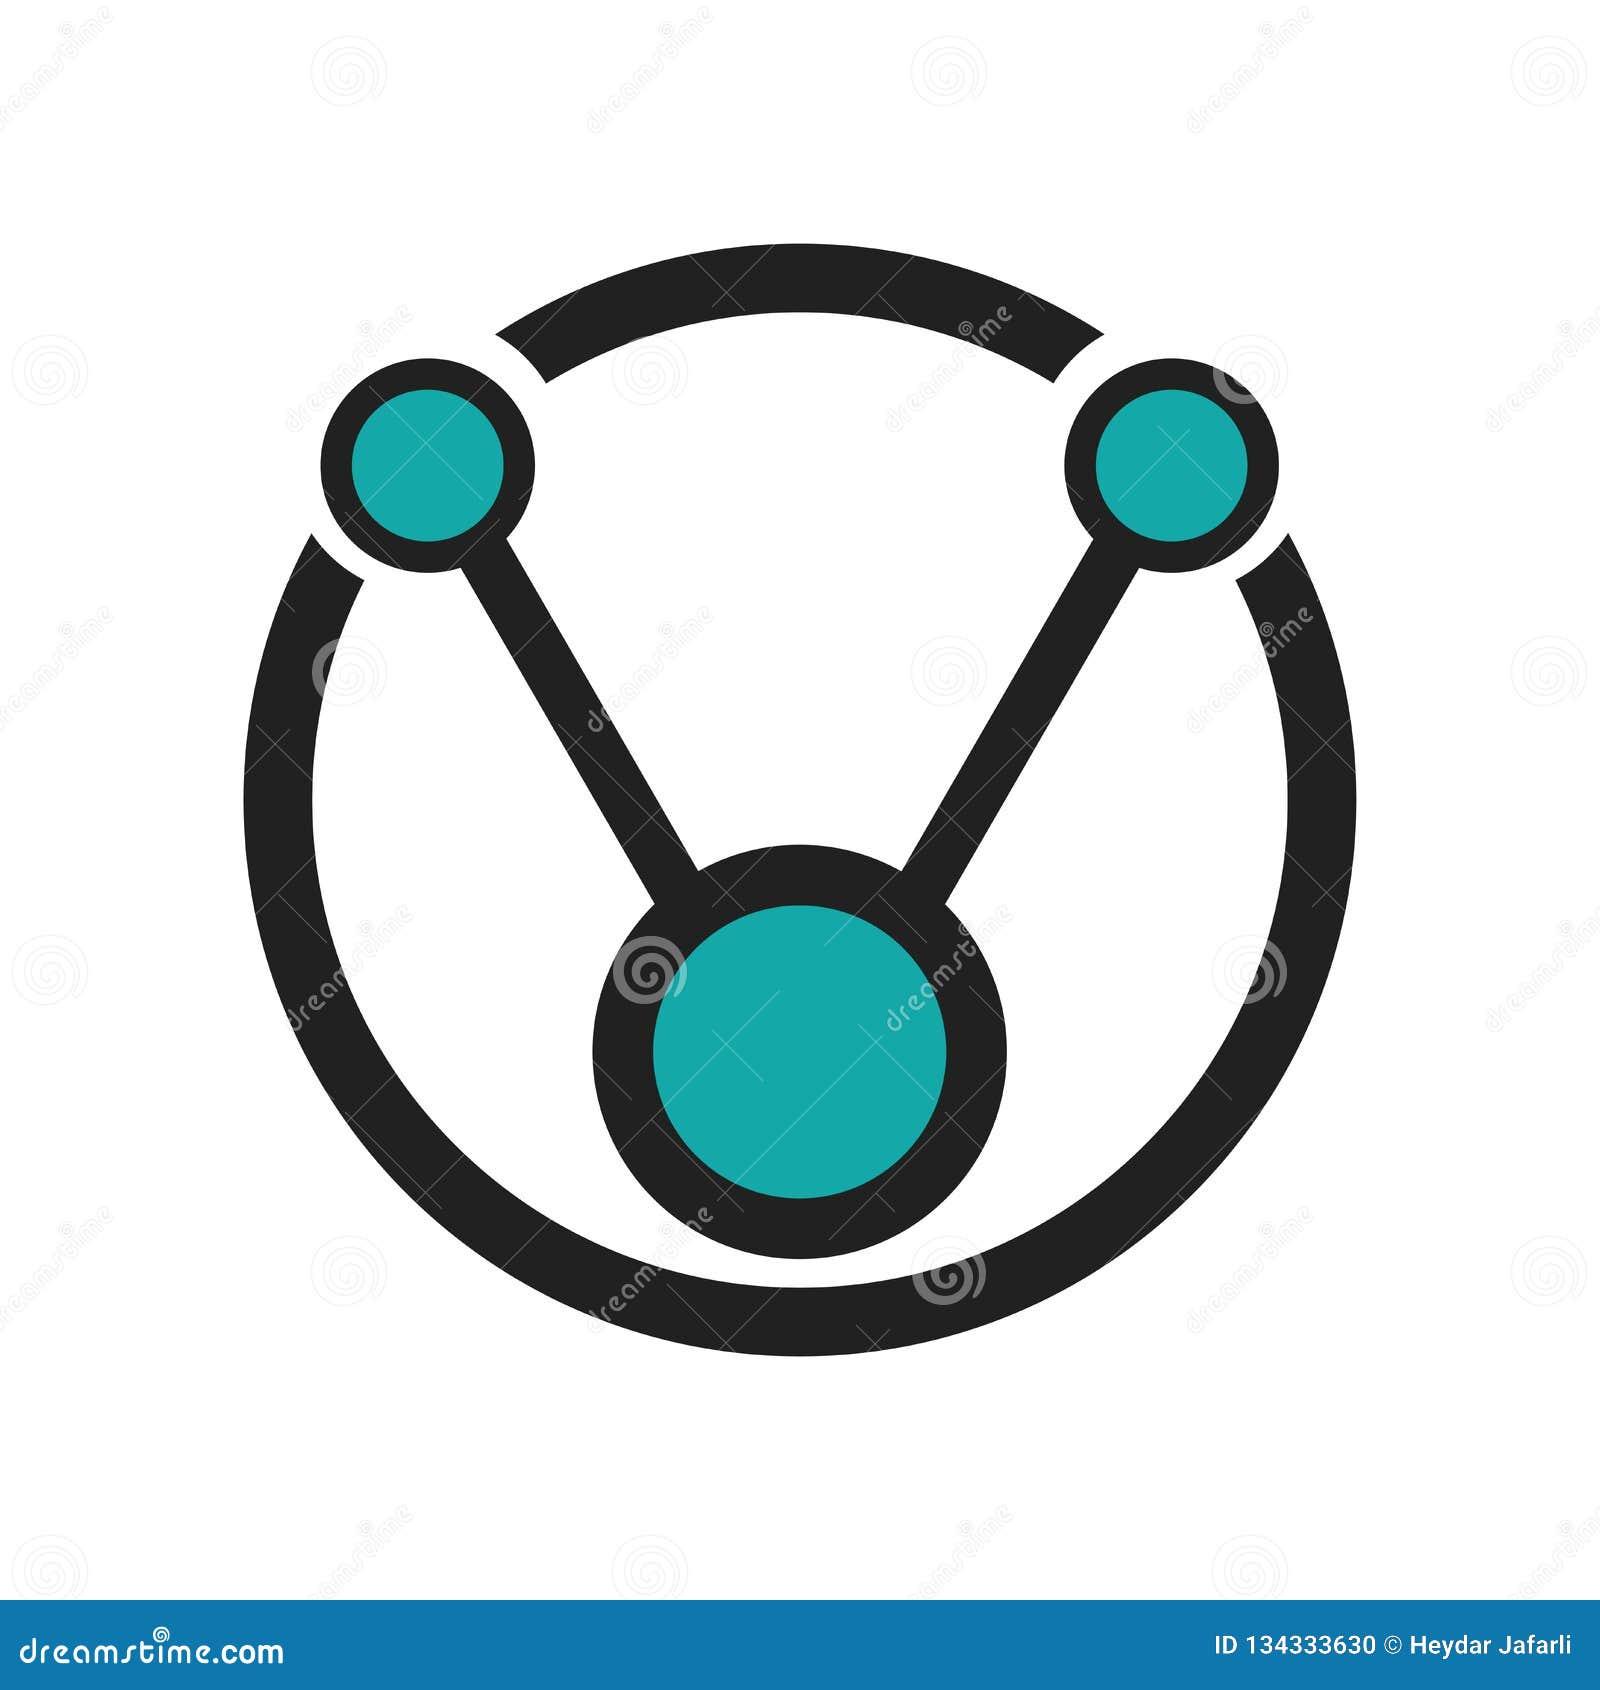 Data förband det runda för symbolsymbol för grafisk manöverenhet som tecknet och symbolet för vektor isolerades på vit bakgrund,